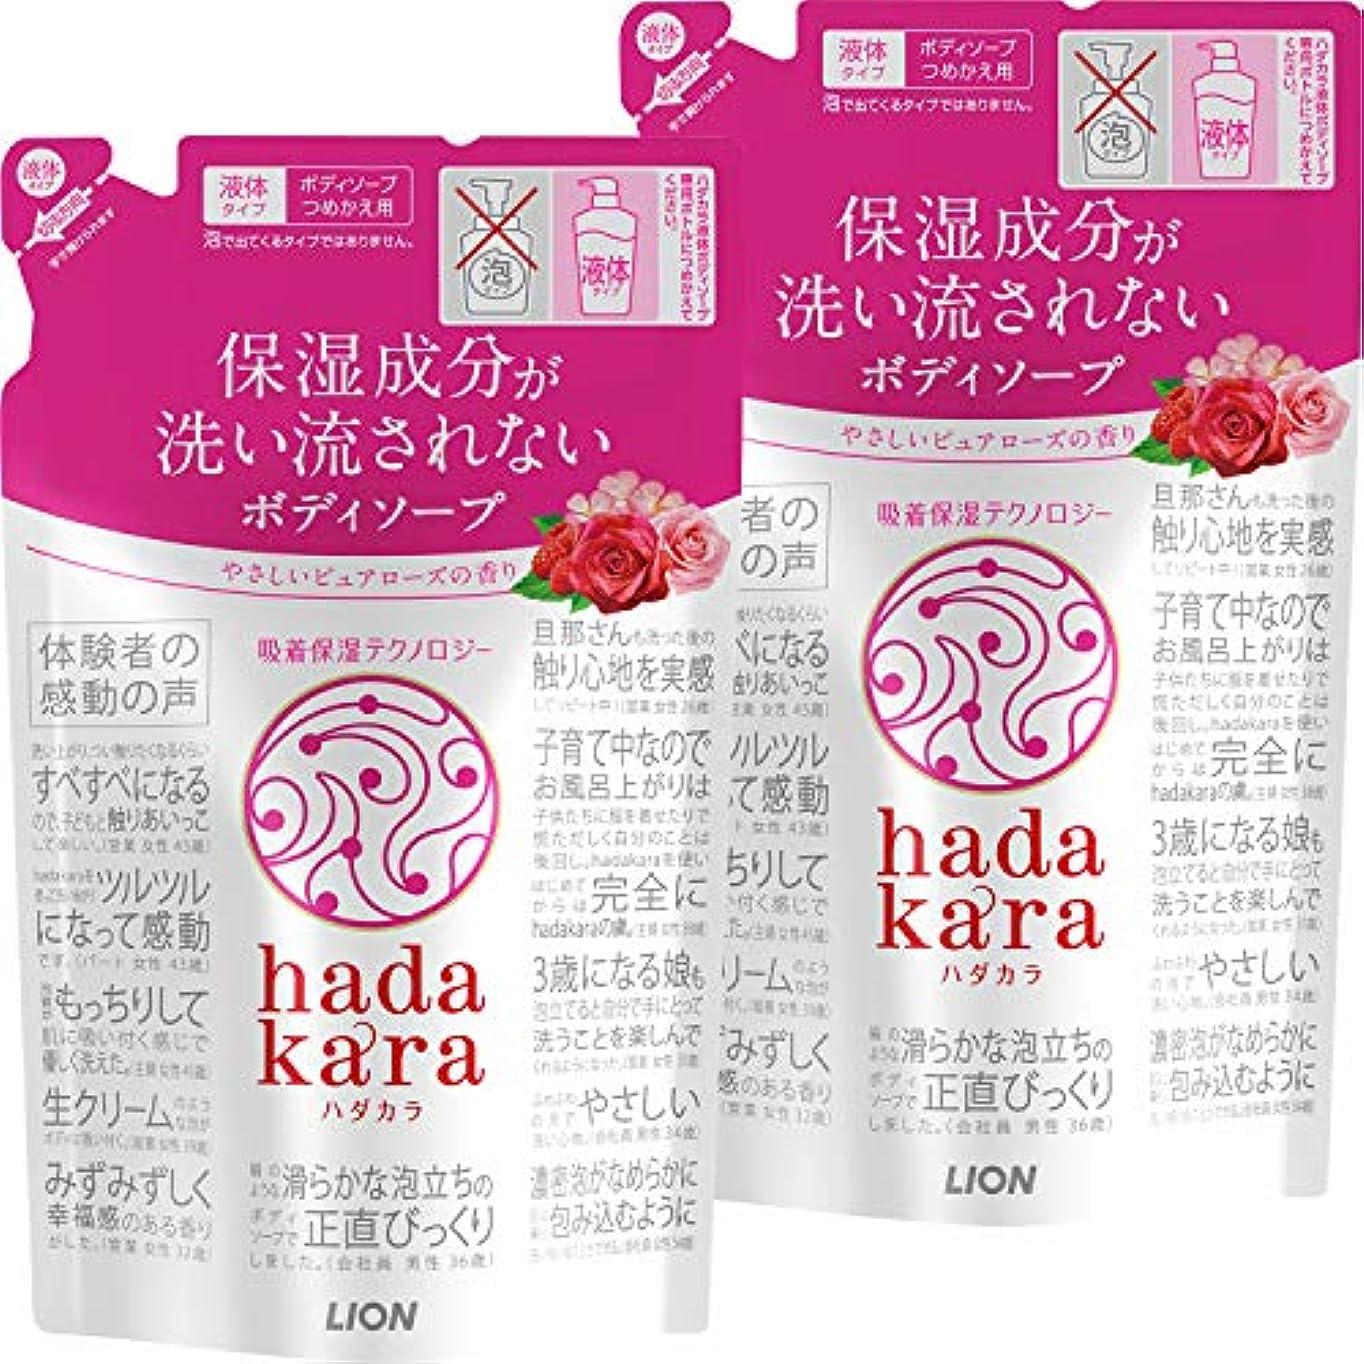 奨励しますそばに威する【まとめ買い】hadakara(ハダカラ) ボディソープ ピュアローズの香り 詰め替え 360ml×2個パック